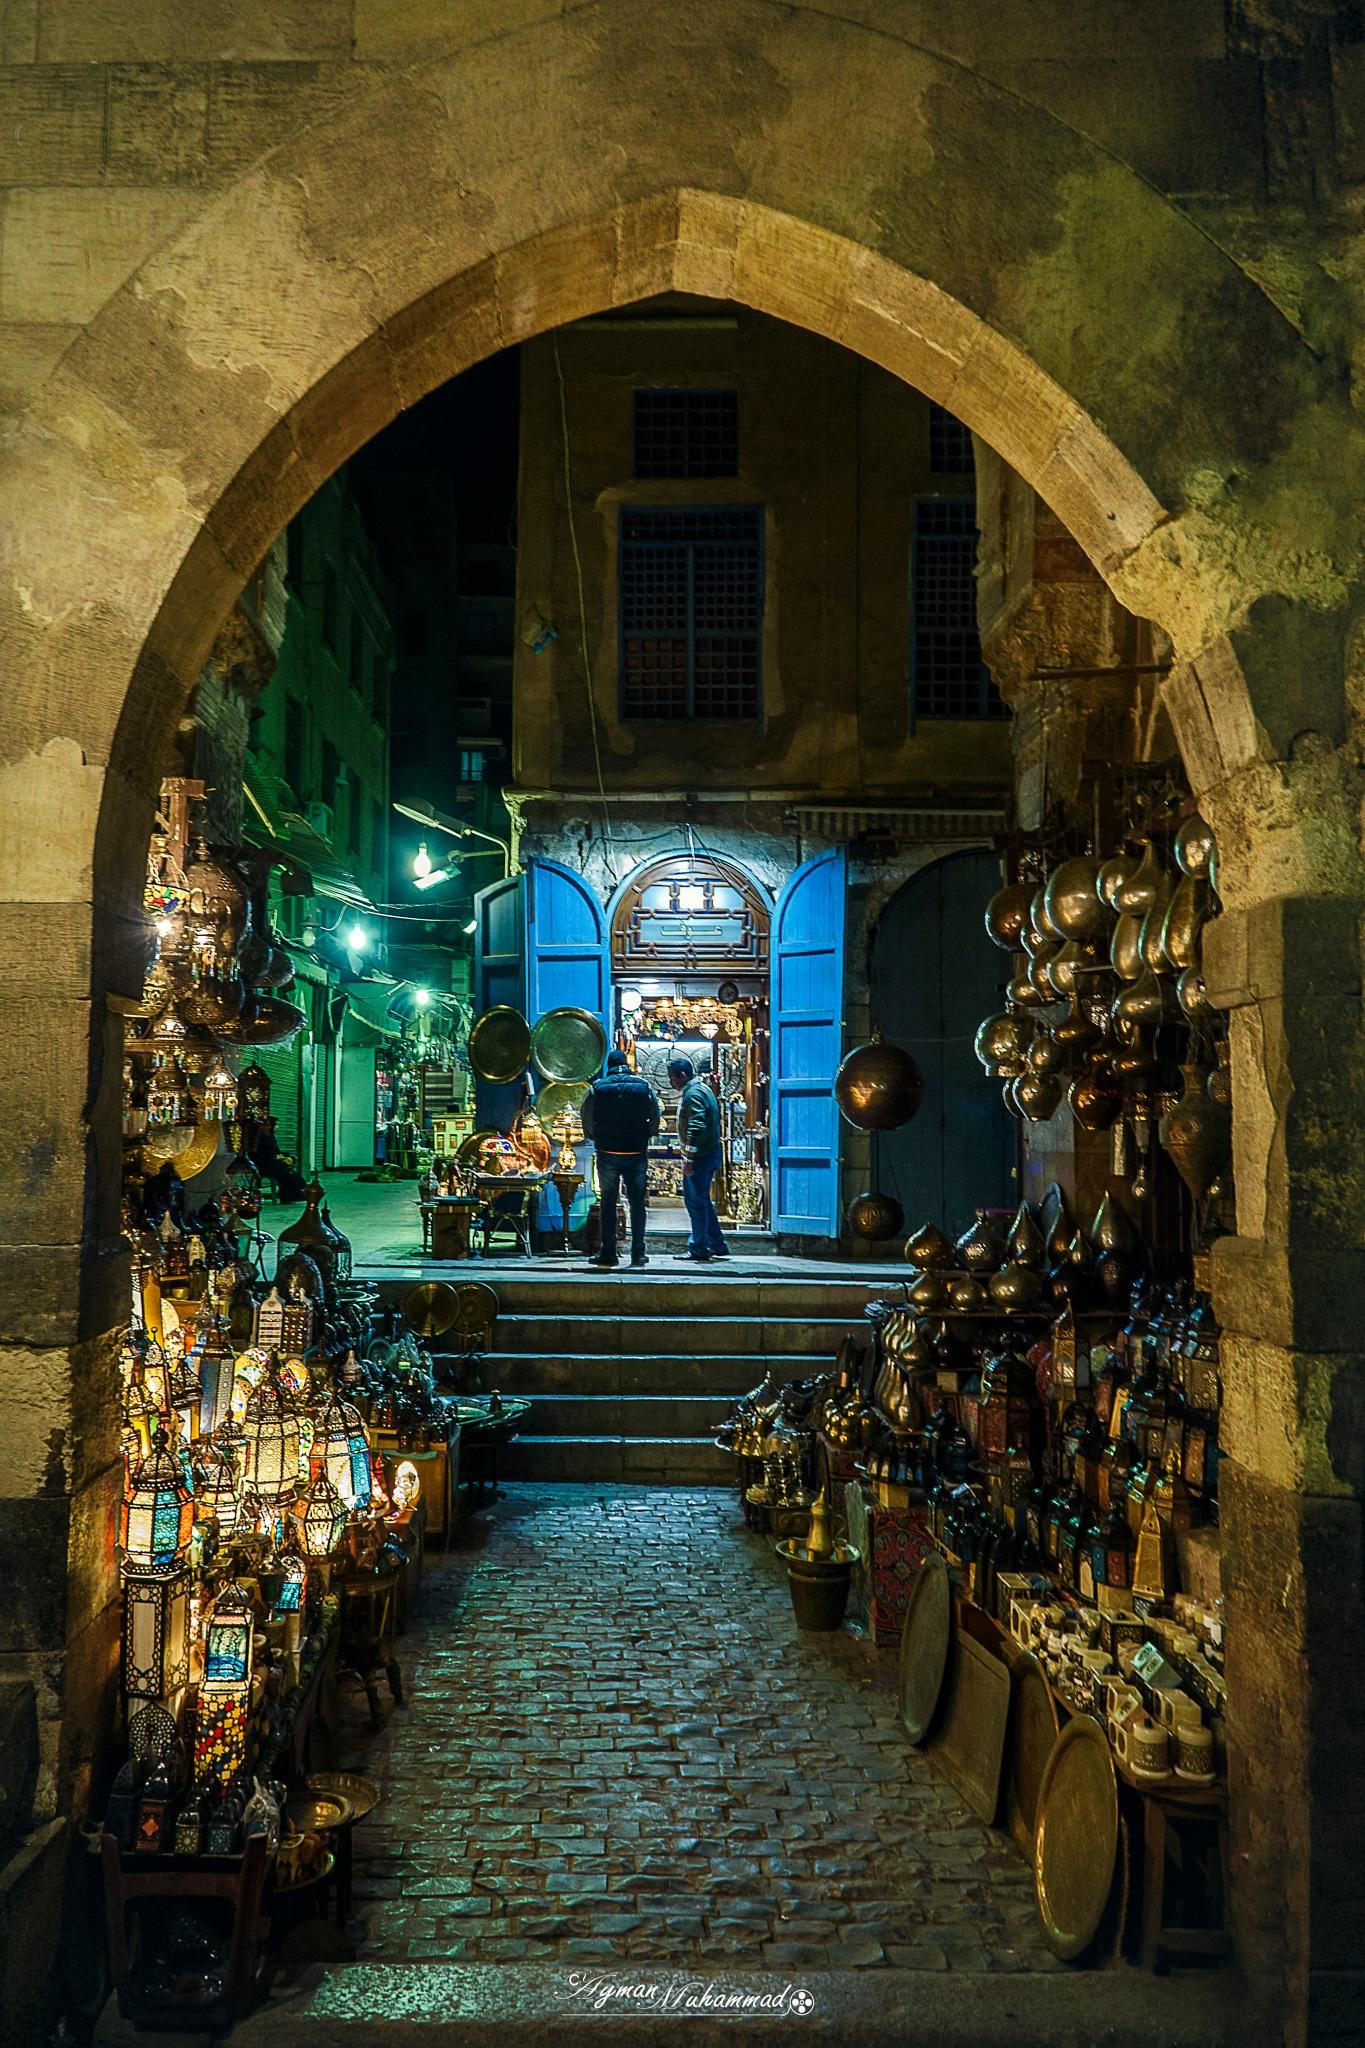 Framed Golden history at night by AymanMuhammad